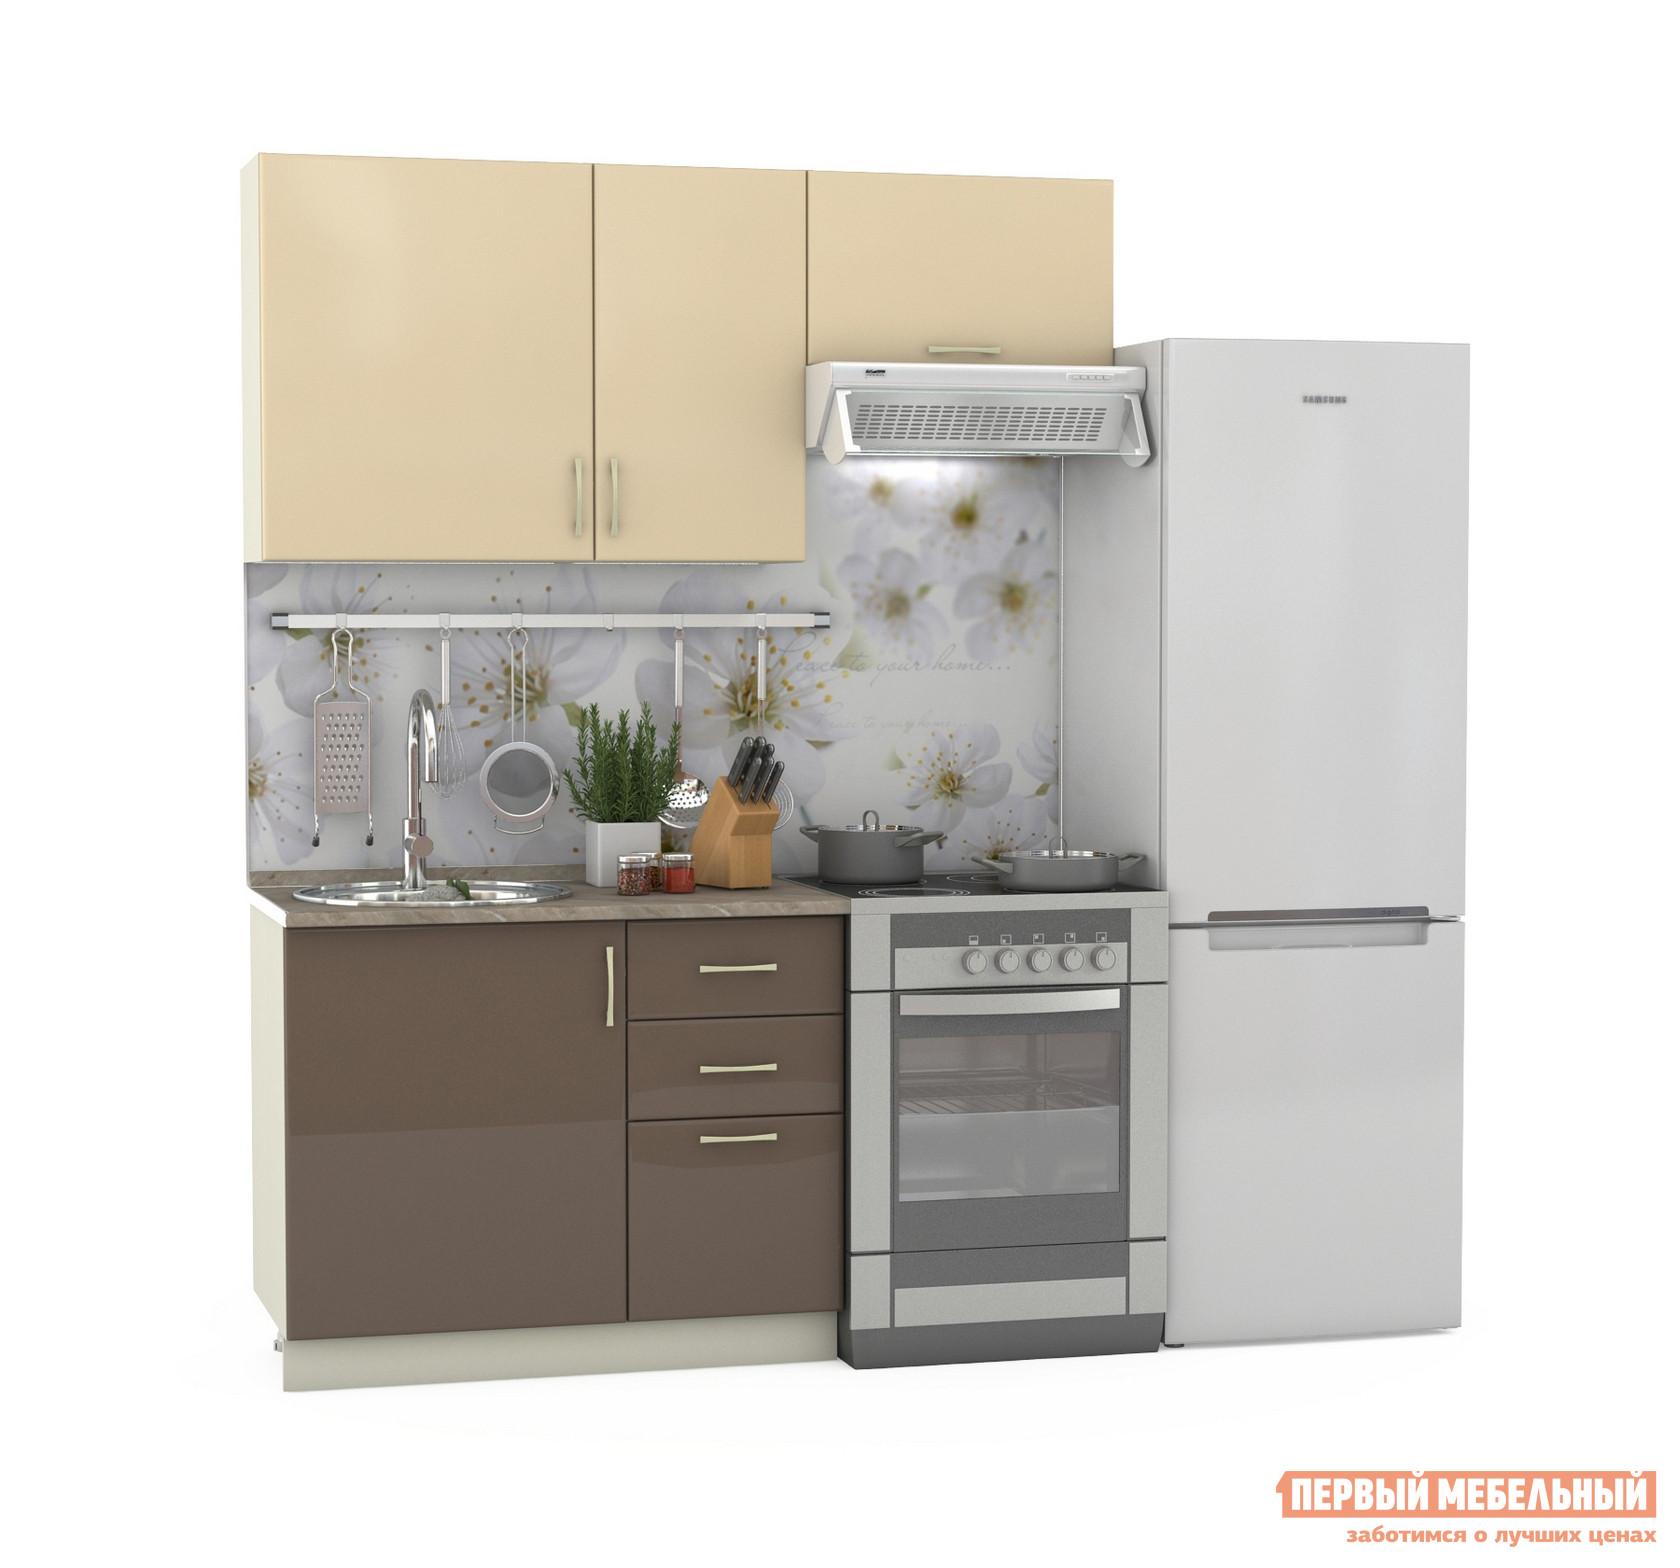 Кухонный гарнитур Бит и Байт Сандра-1 160 см кухонный гарнитур латте 1 1